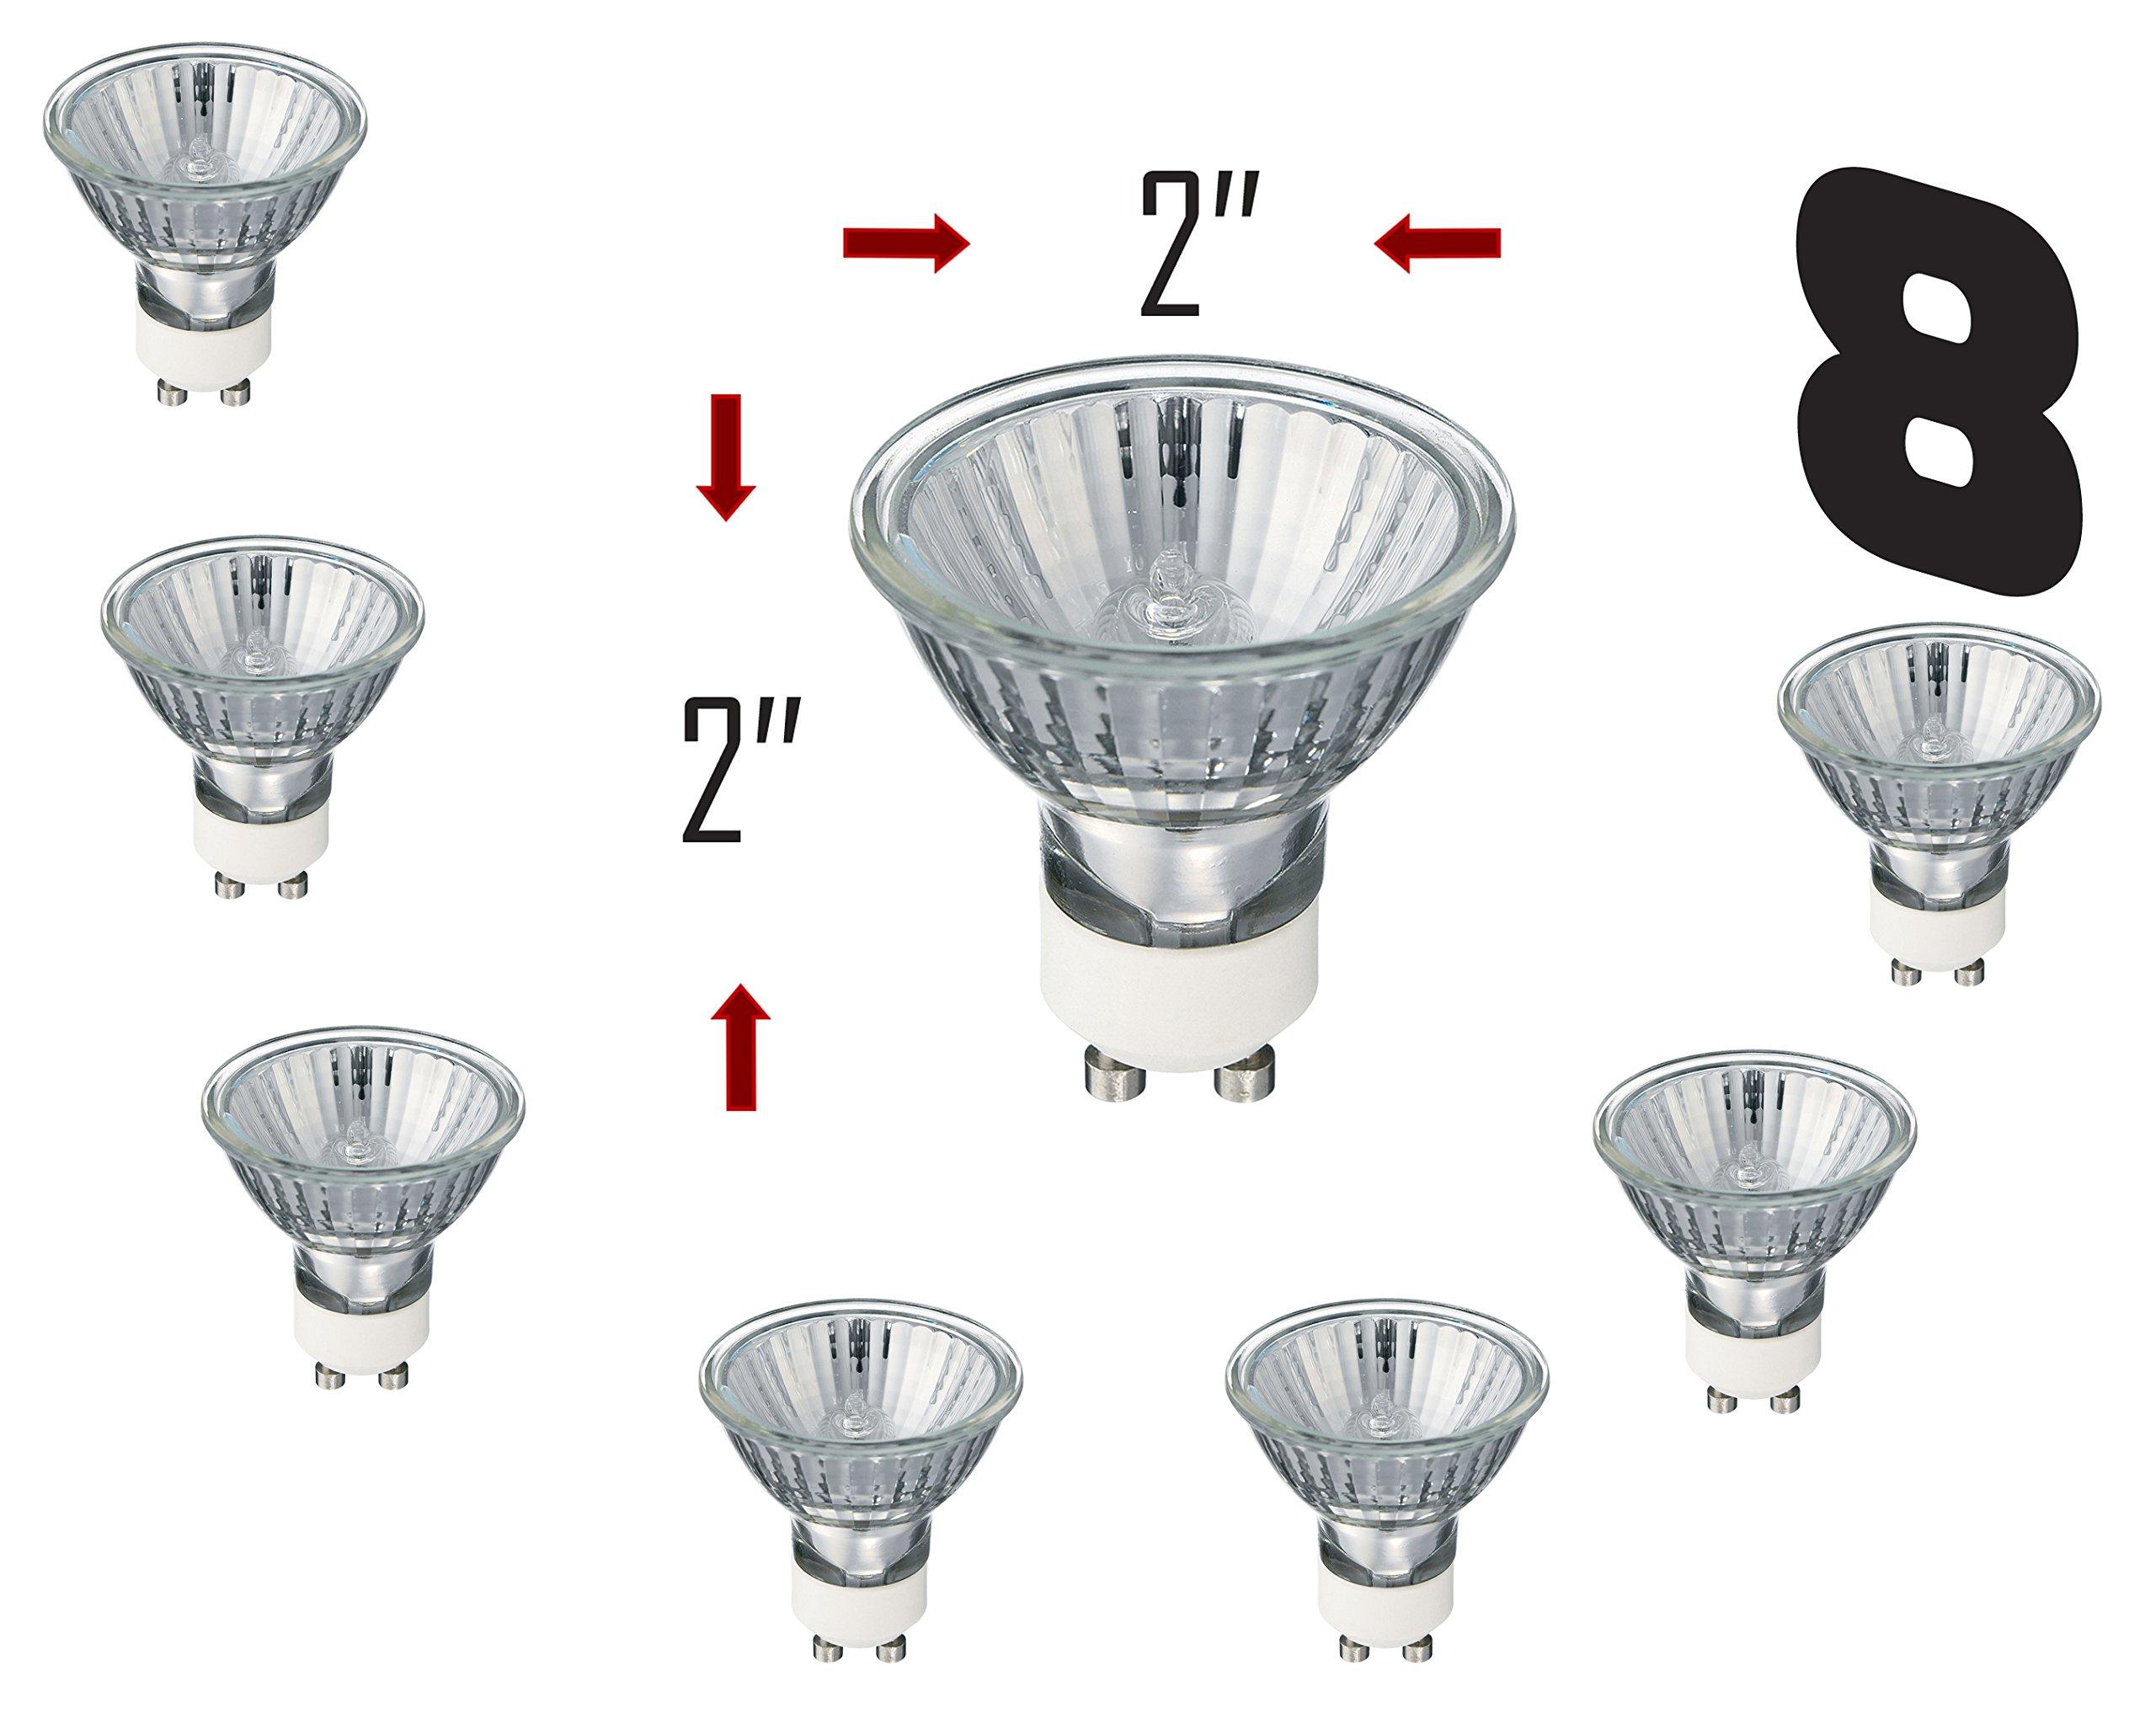 SleekLighting GU10, 20 Watt, Halogen 120Volt, Light Bulb Spotlight, Recessed, Track Lighting/UV Glass Cover-2700K (pack of 8)